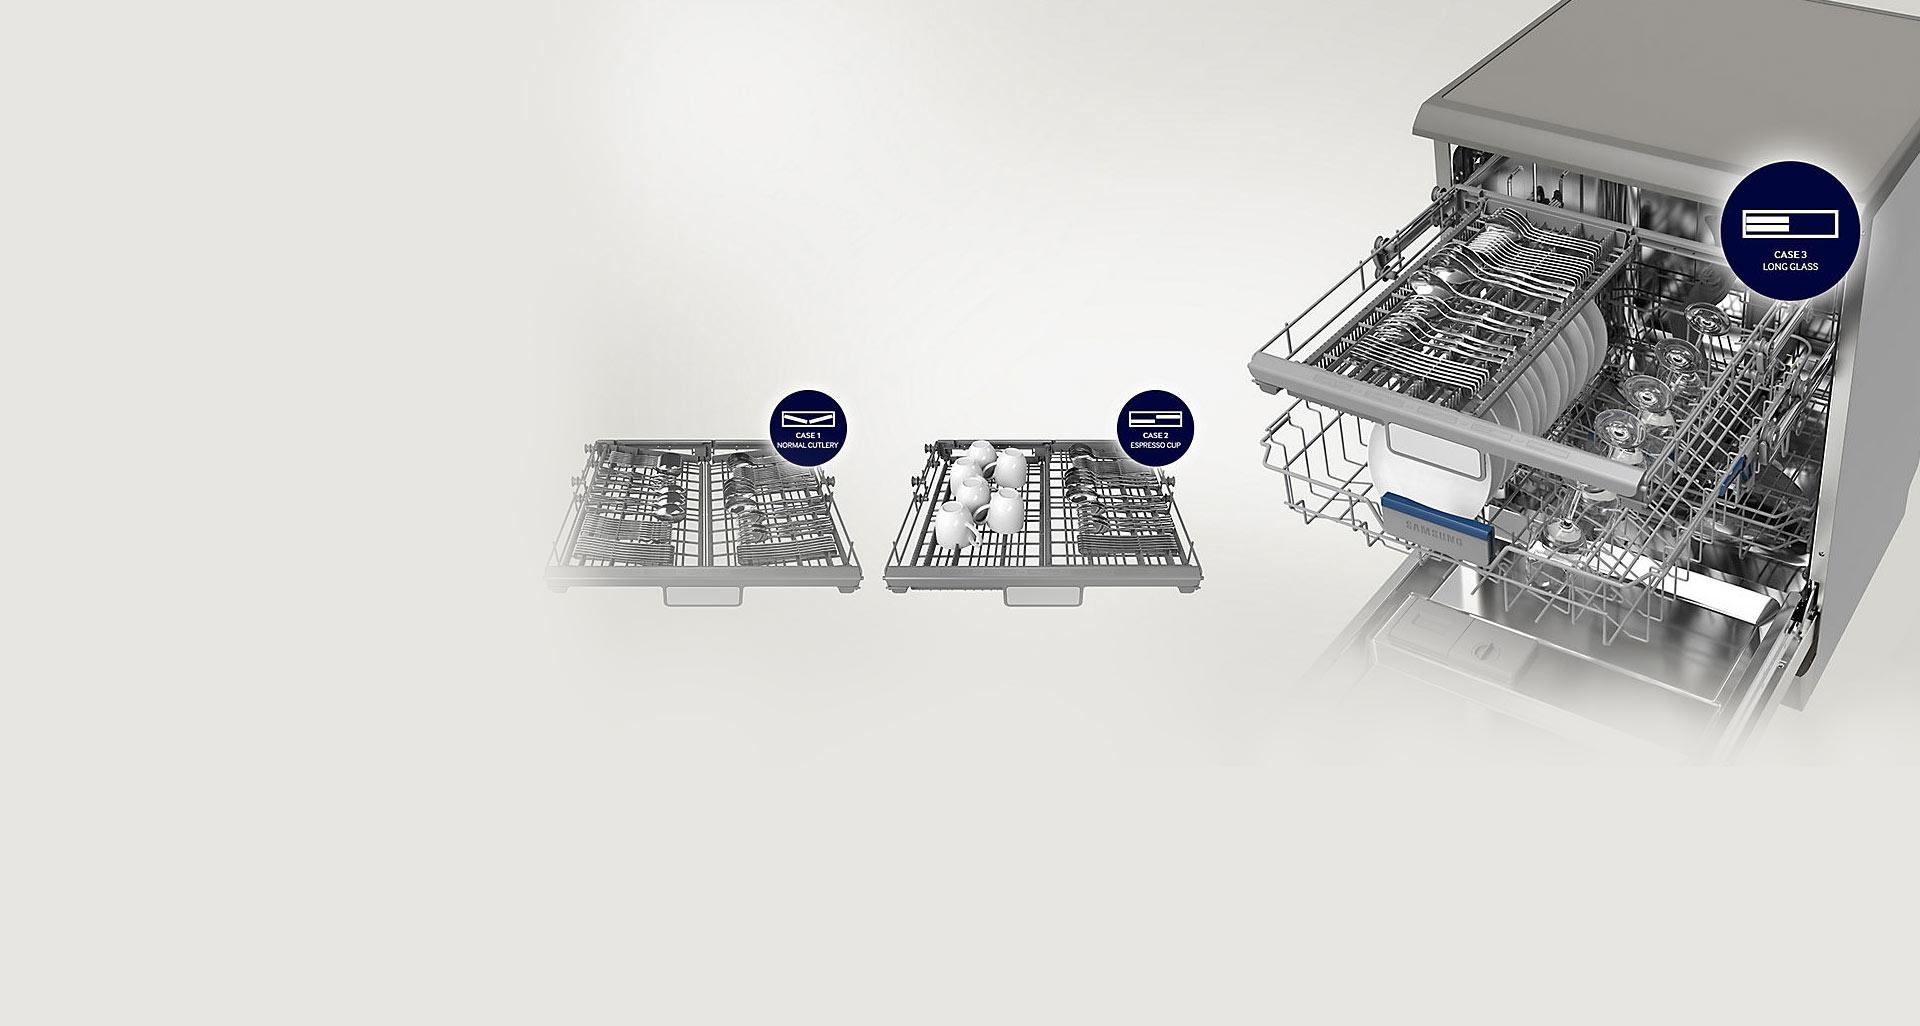 طراحی انعطاف پذیر ماشین ظرفشویی سامسونگ 14 نفره